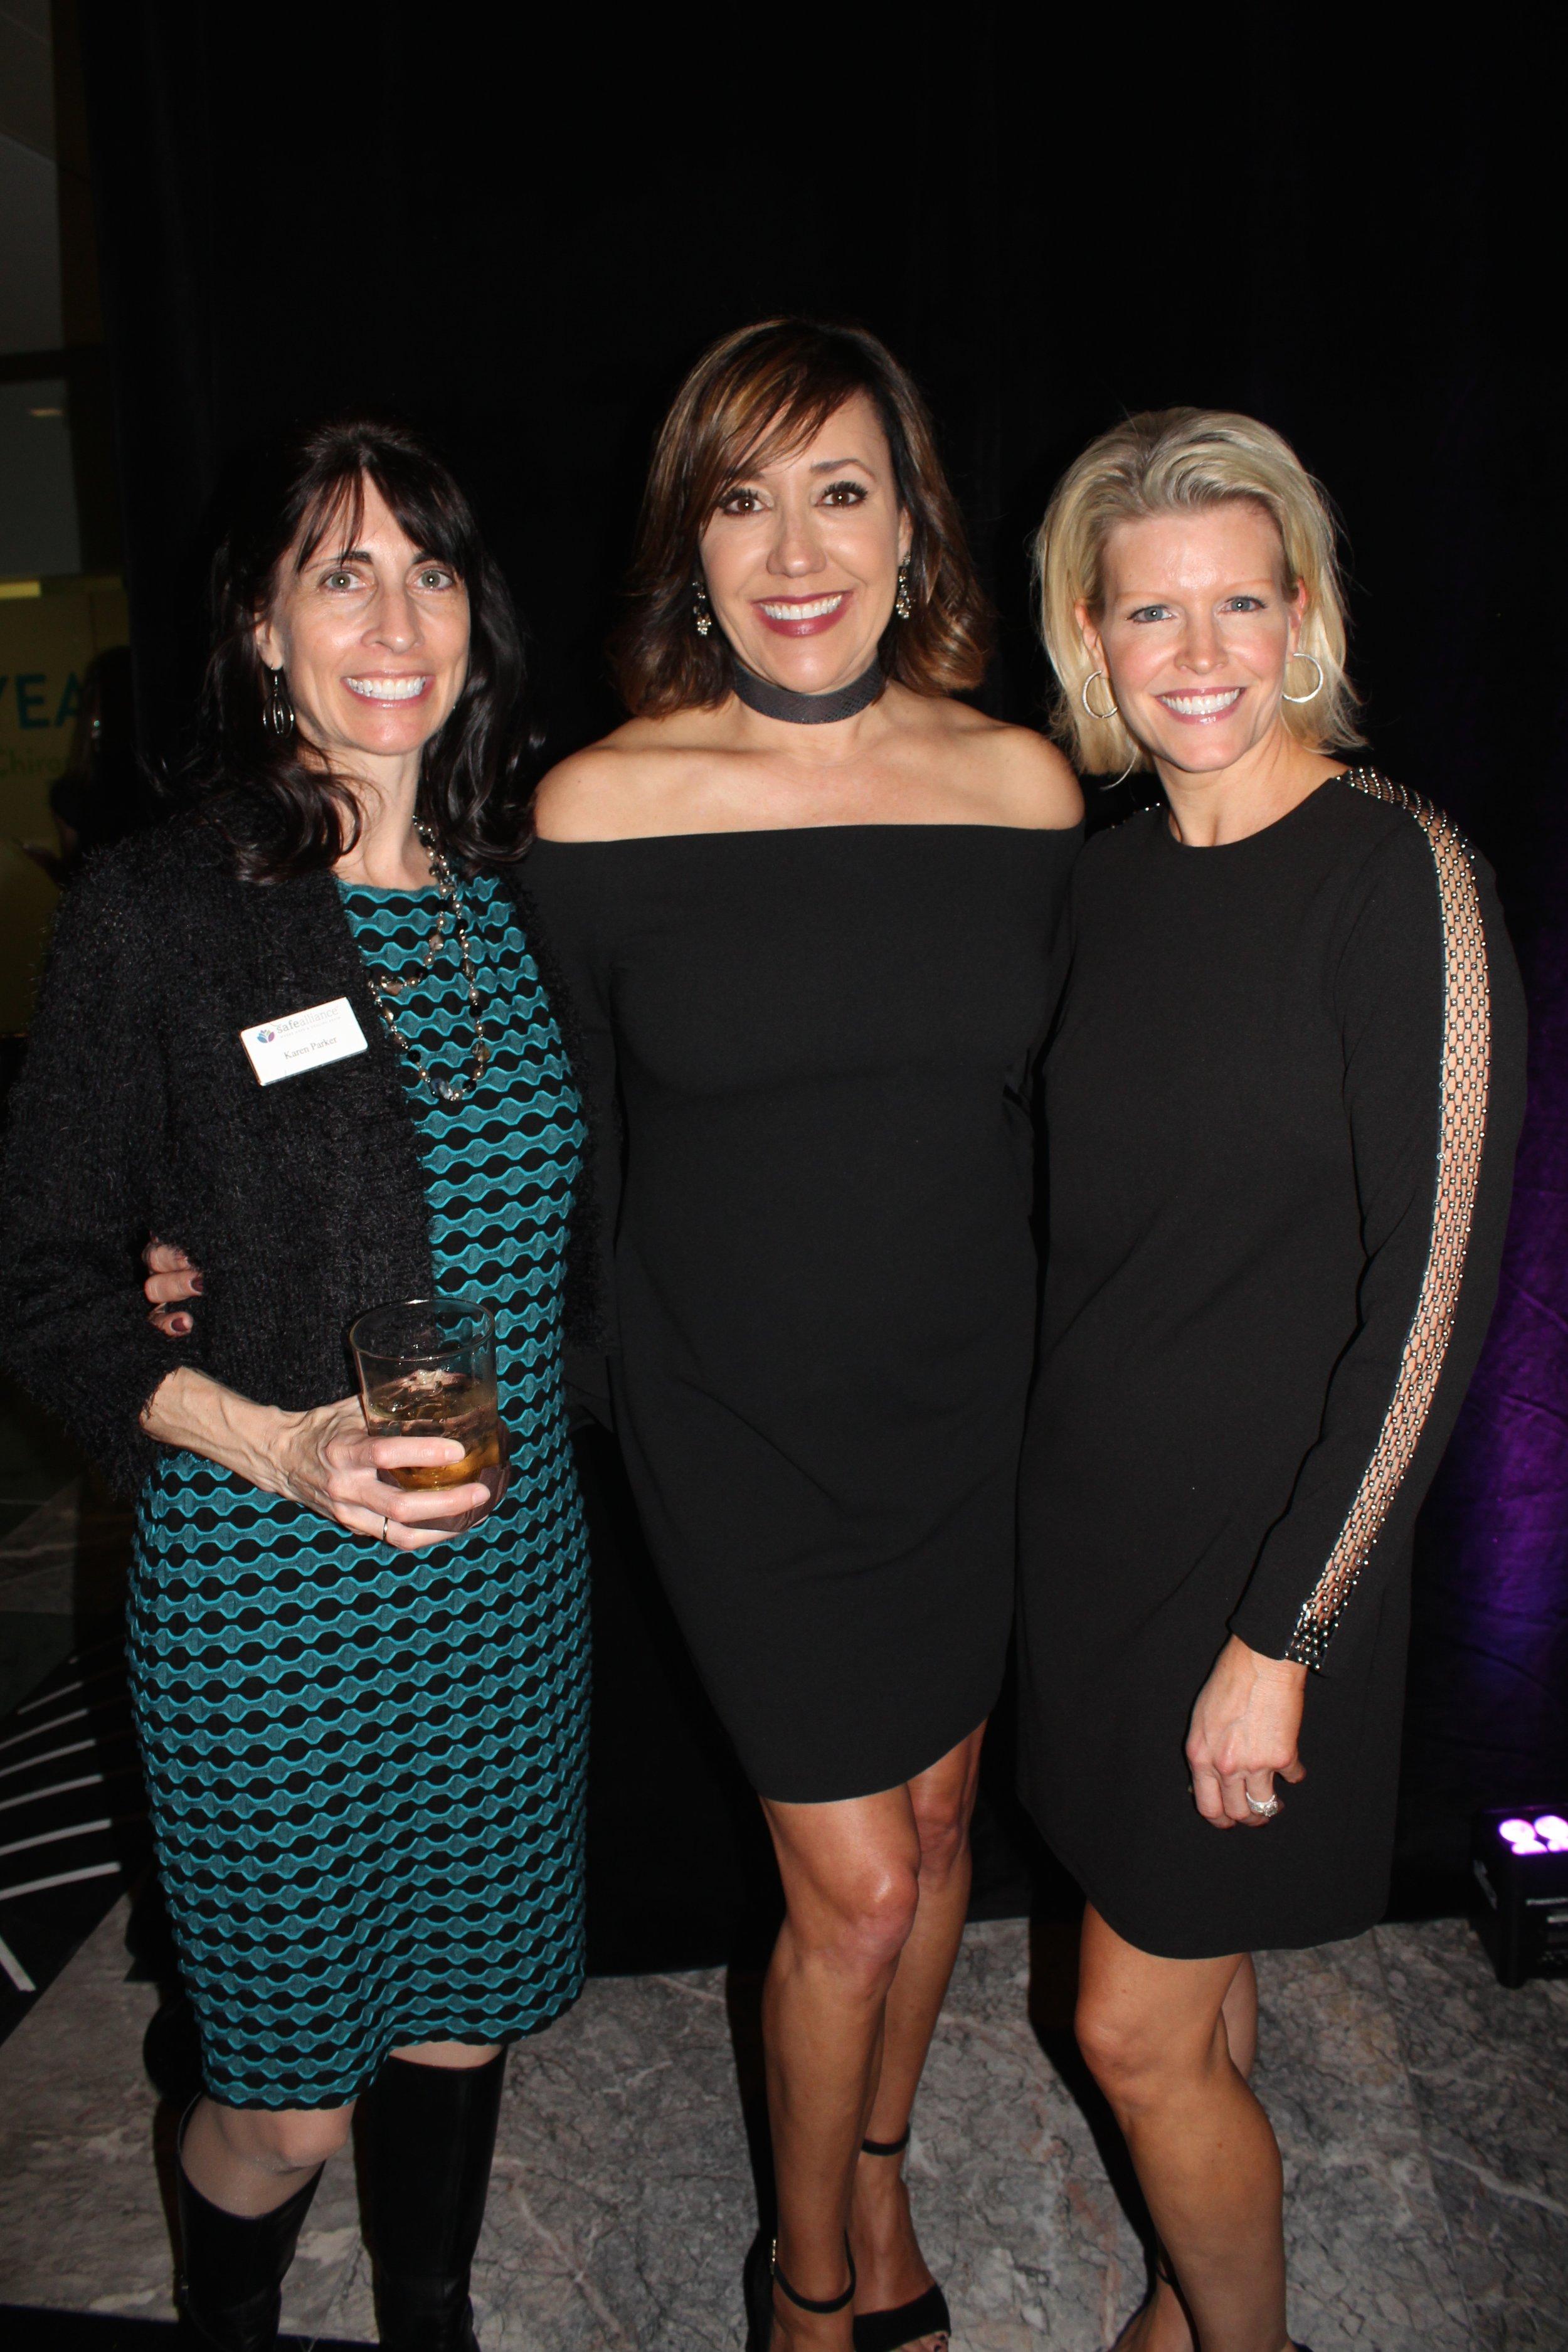 Safe Alliance CEO Karen Parker, emcee and WBTV anchor Maureen O'Boyle,and volunteer Joy Widener.